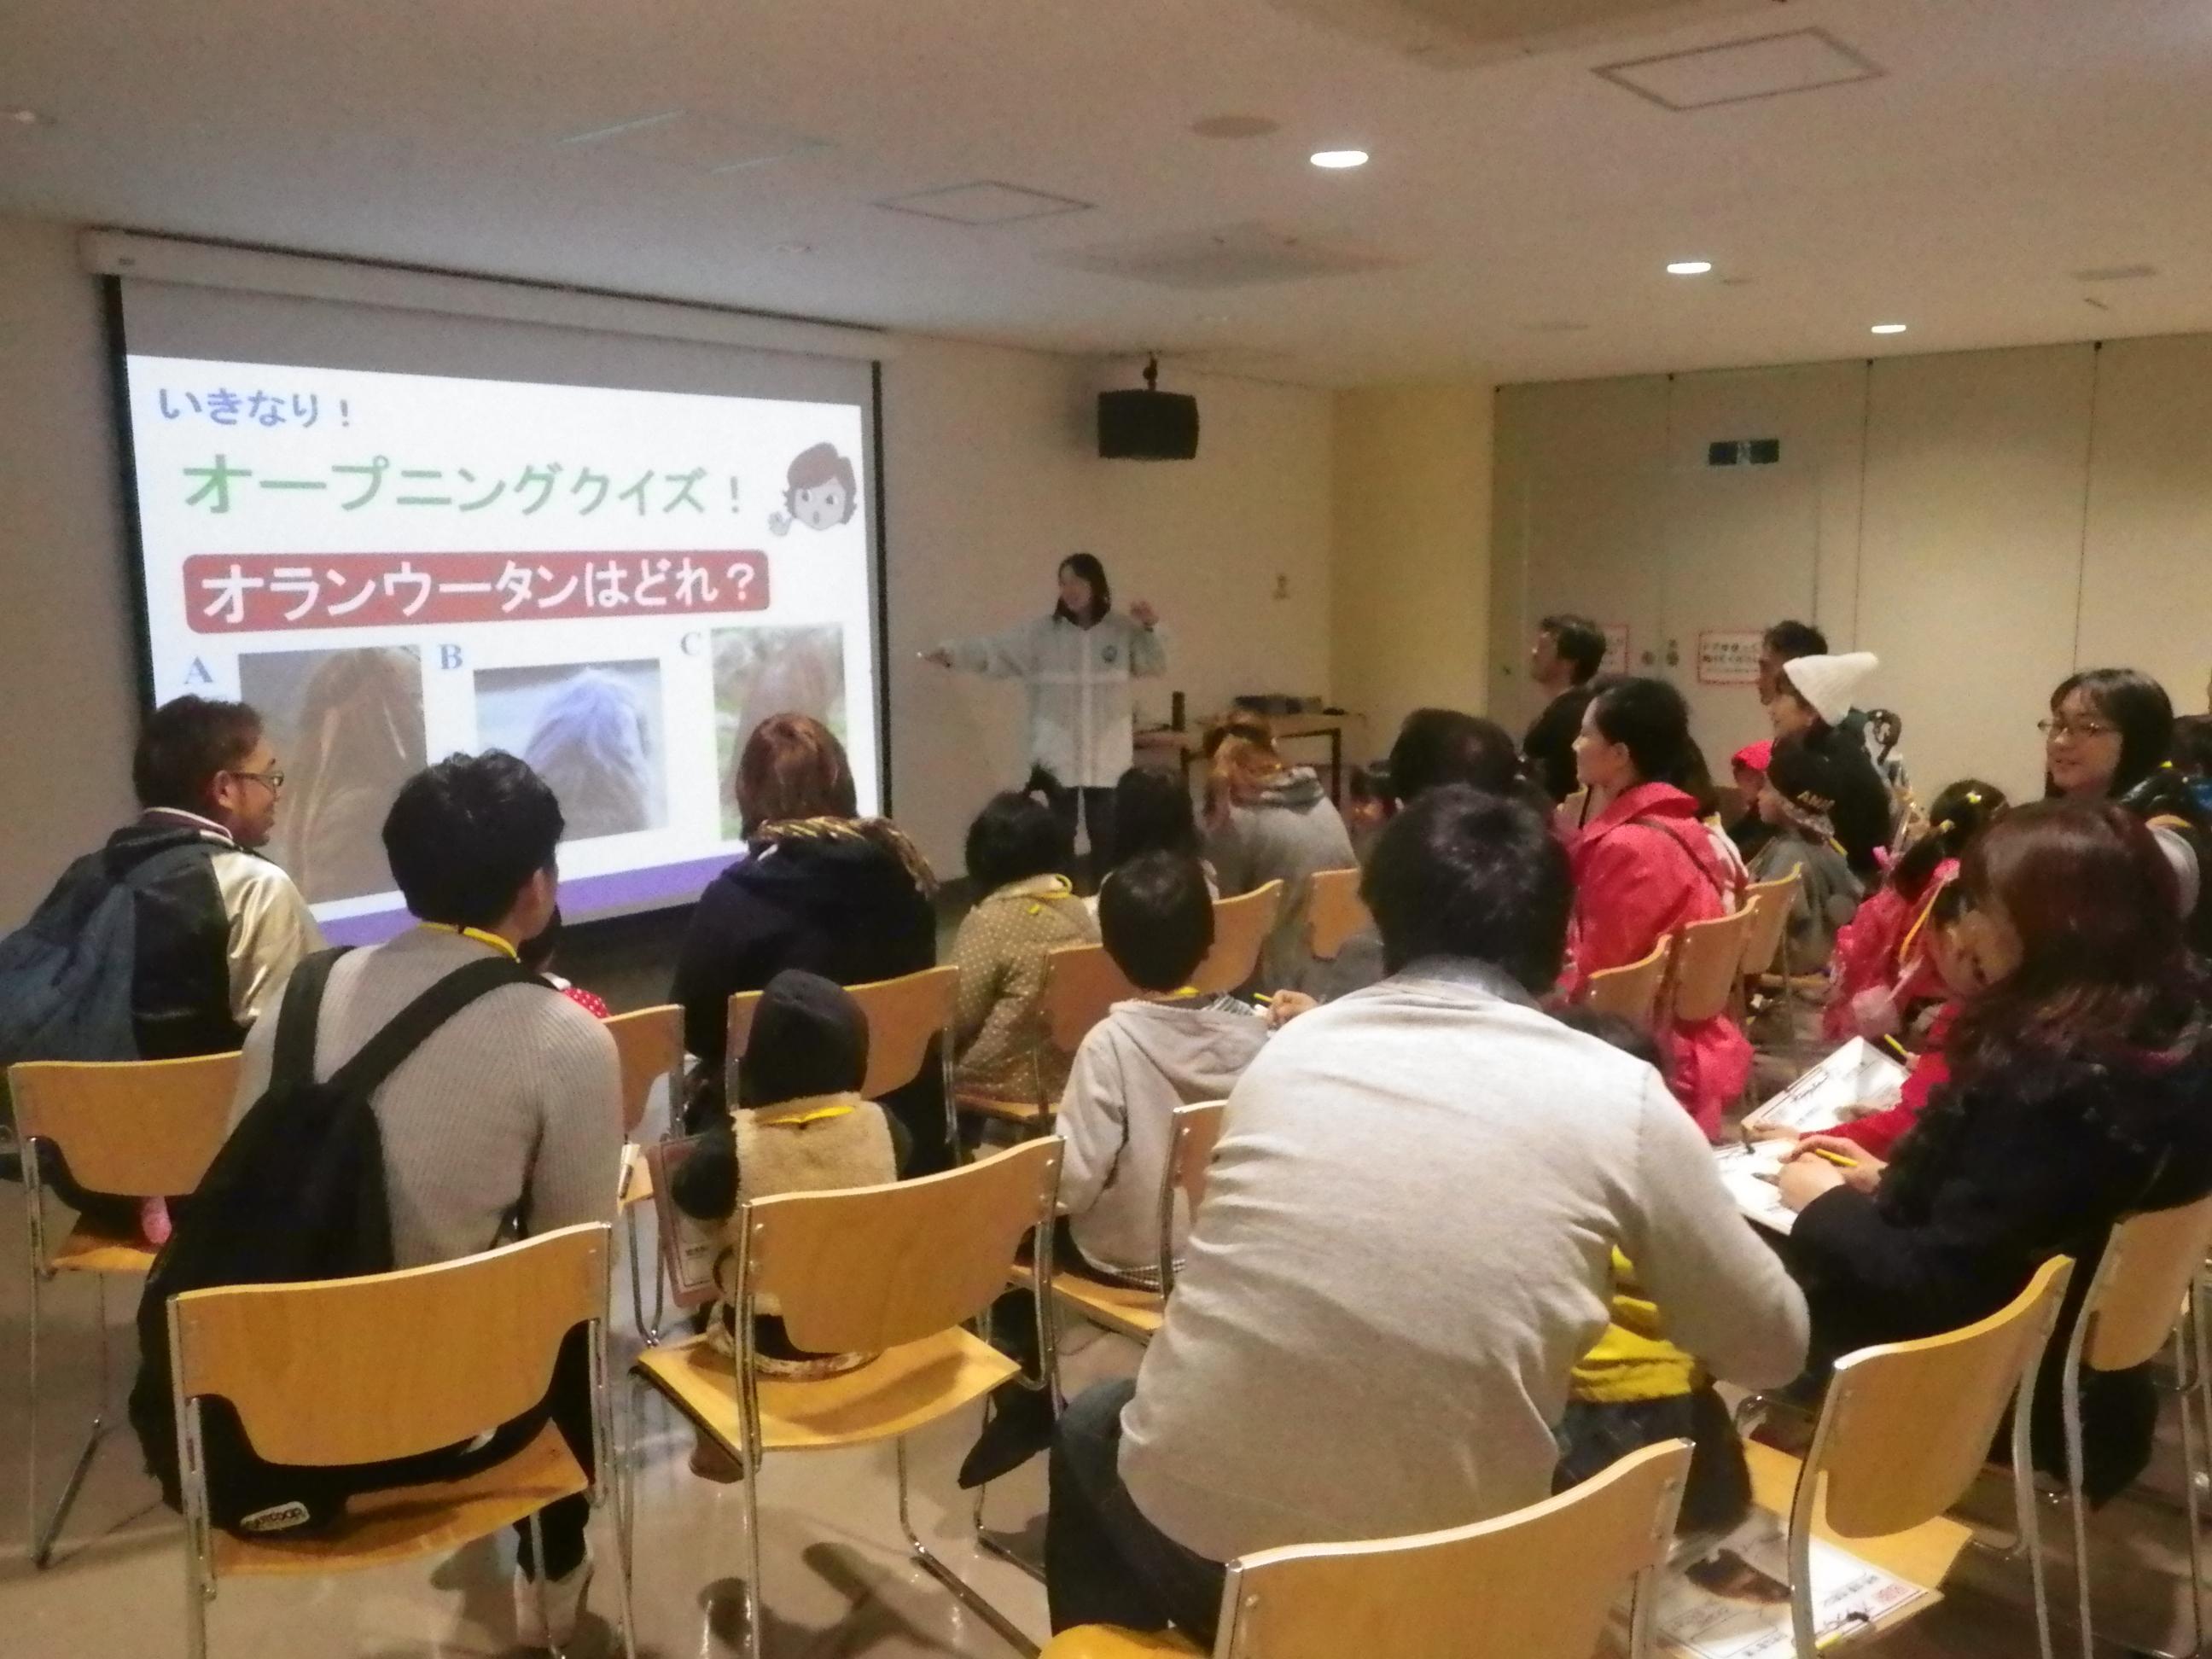 http://www.shizutan.jp/ondanka/event/images/%E3%82%AF%E3%82%A4%E3%82%BA%E2%91%A1.jpg